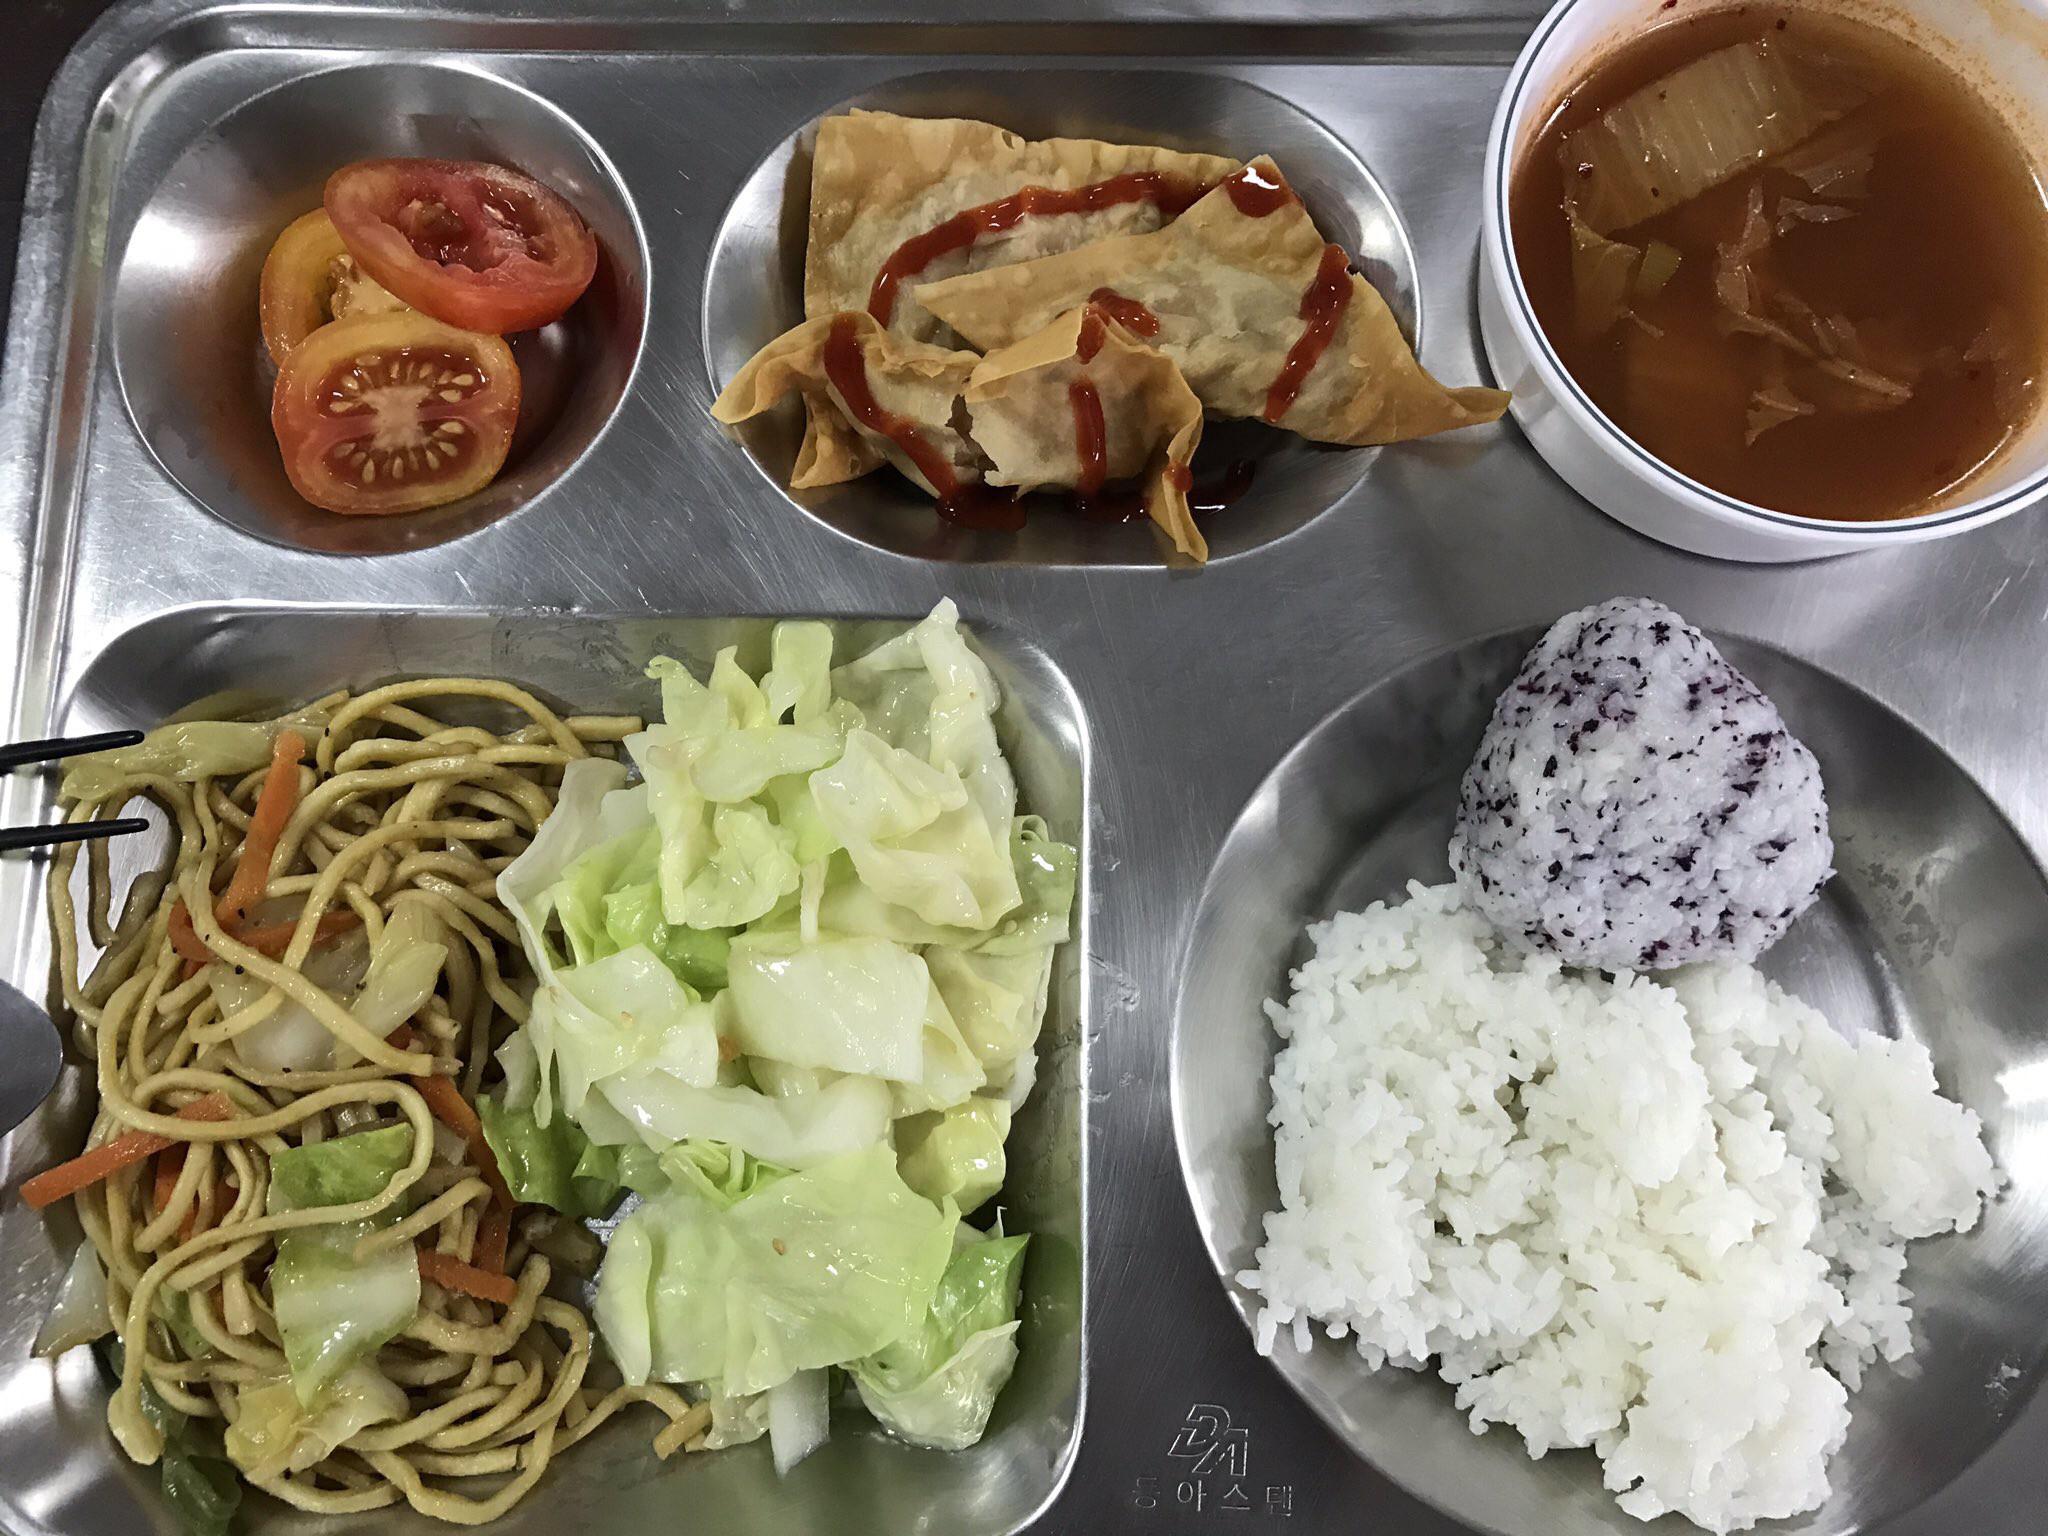 【画像あり】韓国の刑務所の食事、なかなか美味そう 表紙